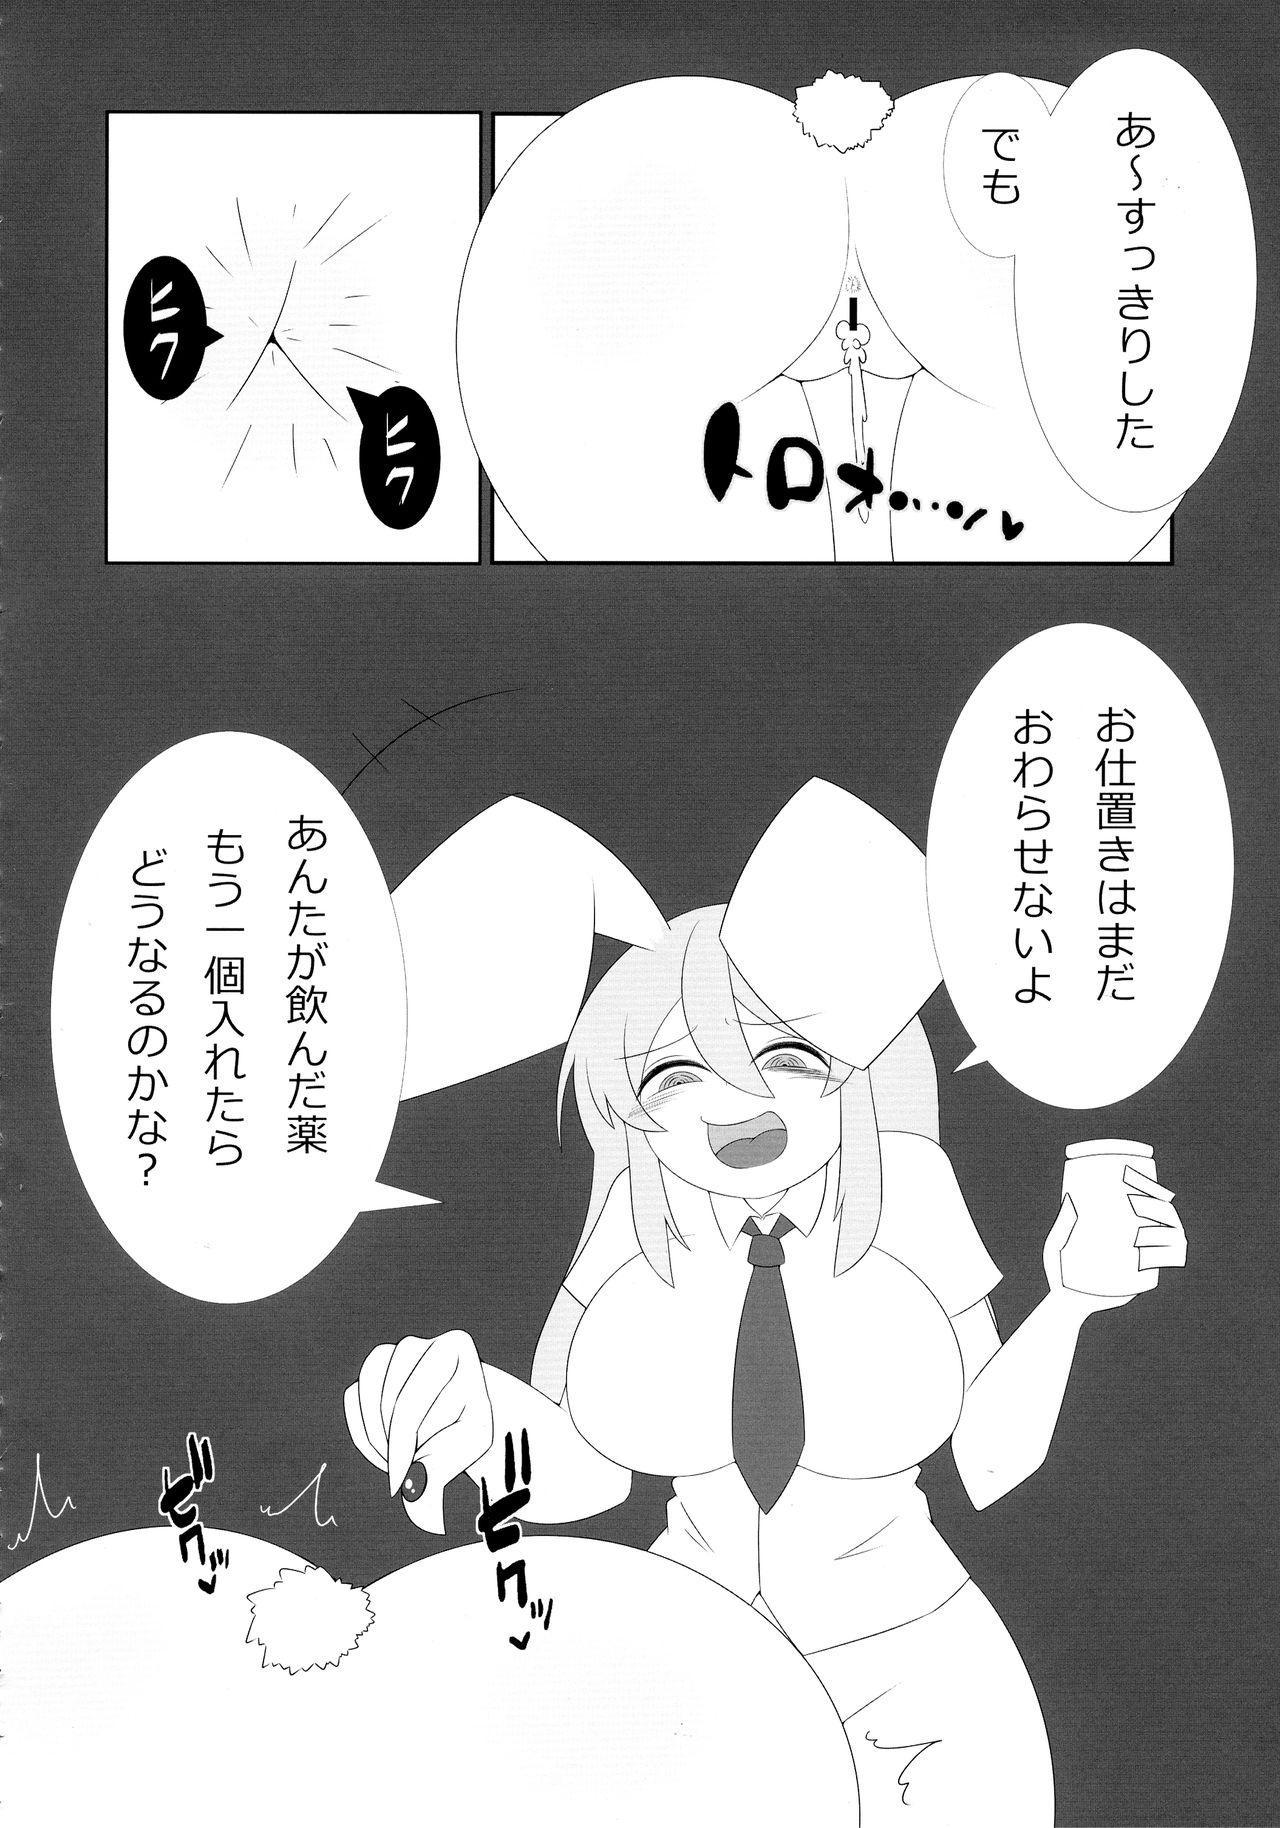 (Reitaisai 15) [HORIC WORKS (Various)] Touhou Bouchou-kei Sougou Goudou-shi `Boujo 2!!!!!!!!' (Touhou Project) 19